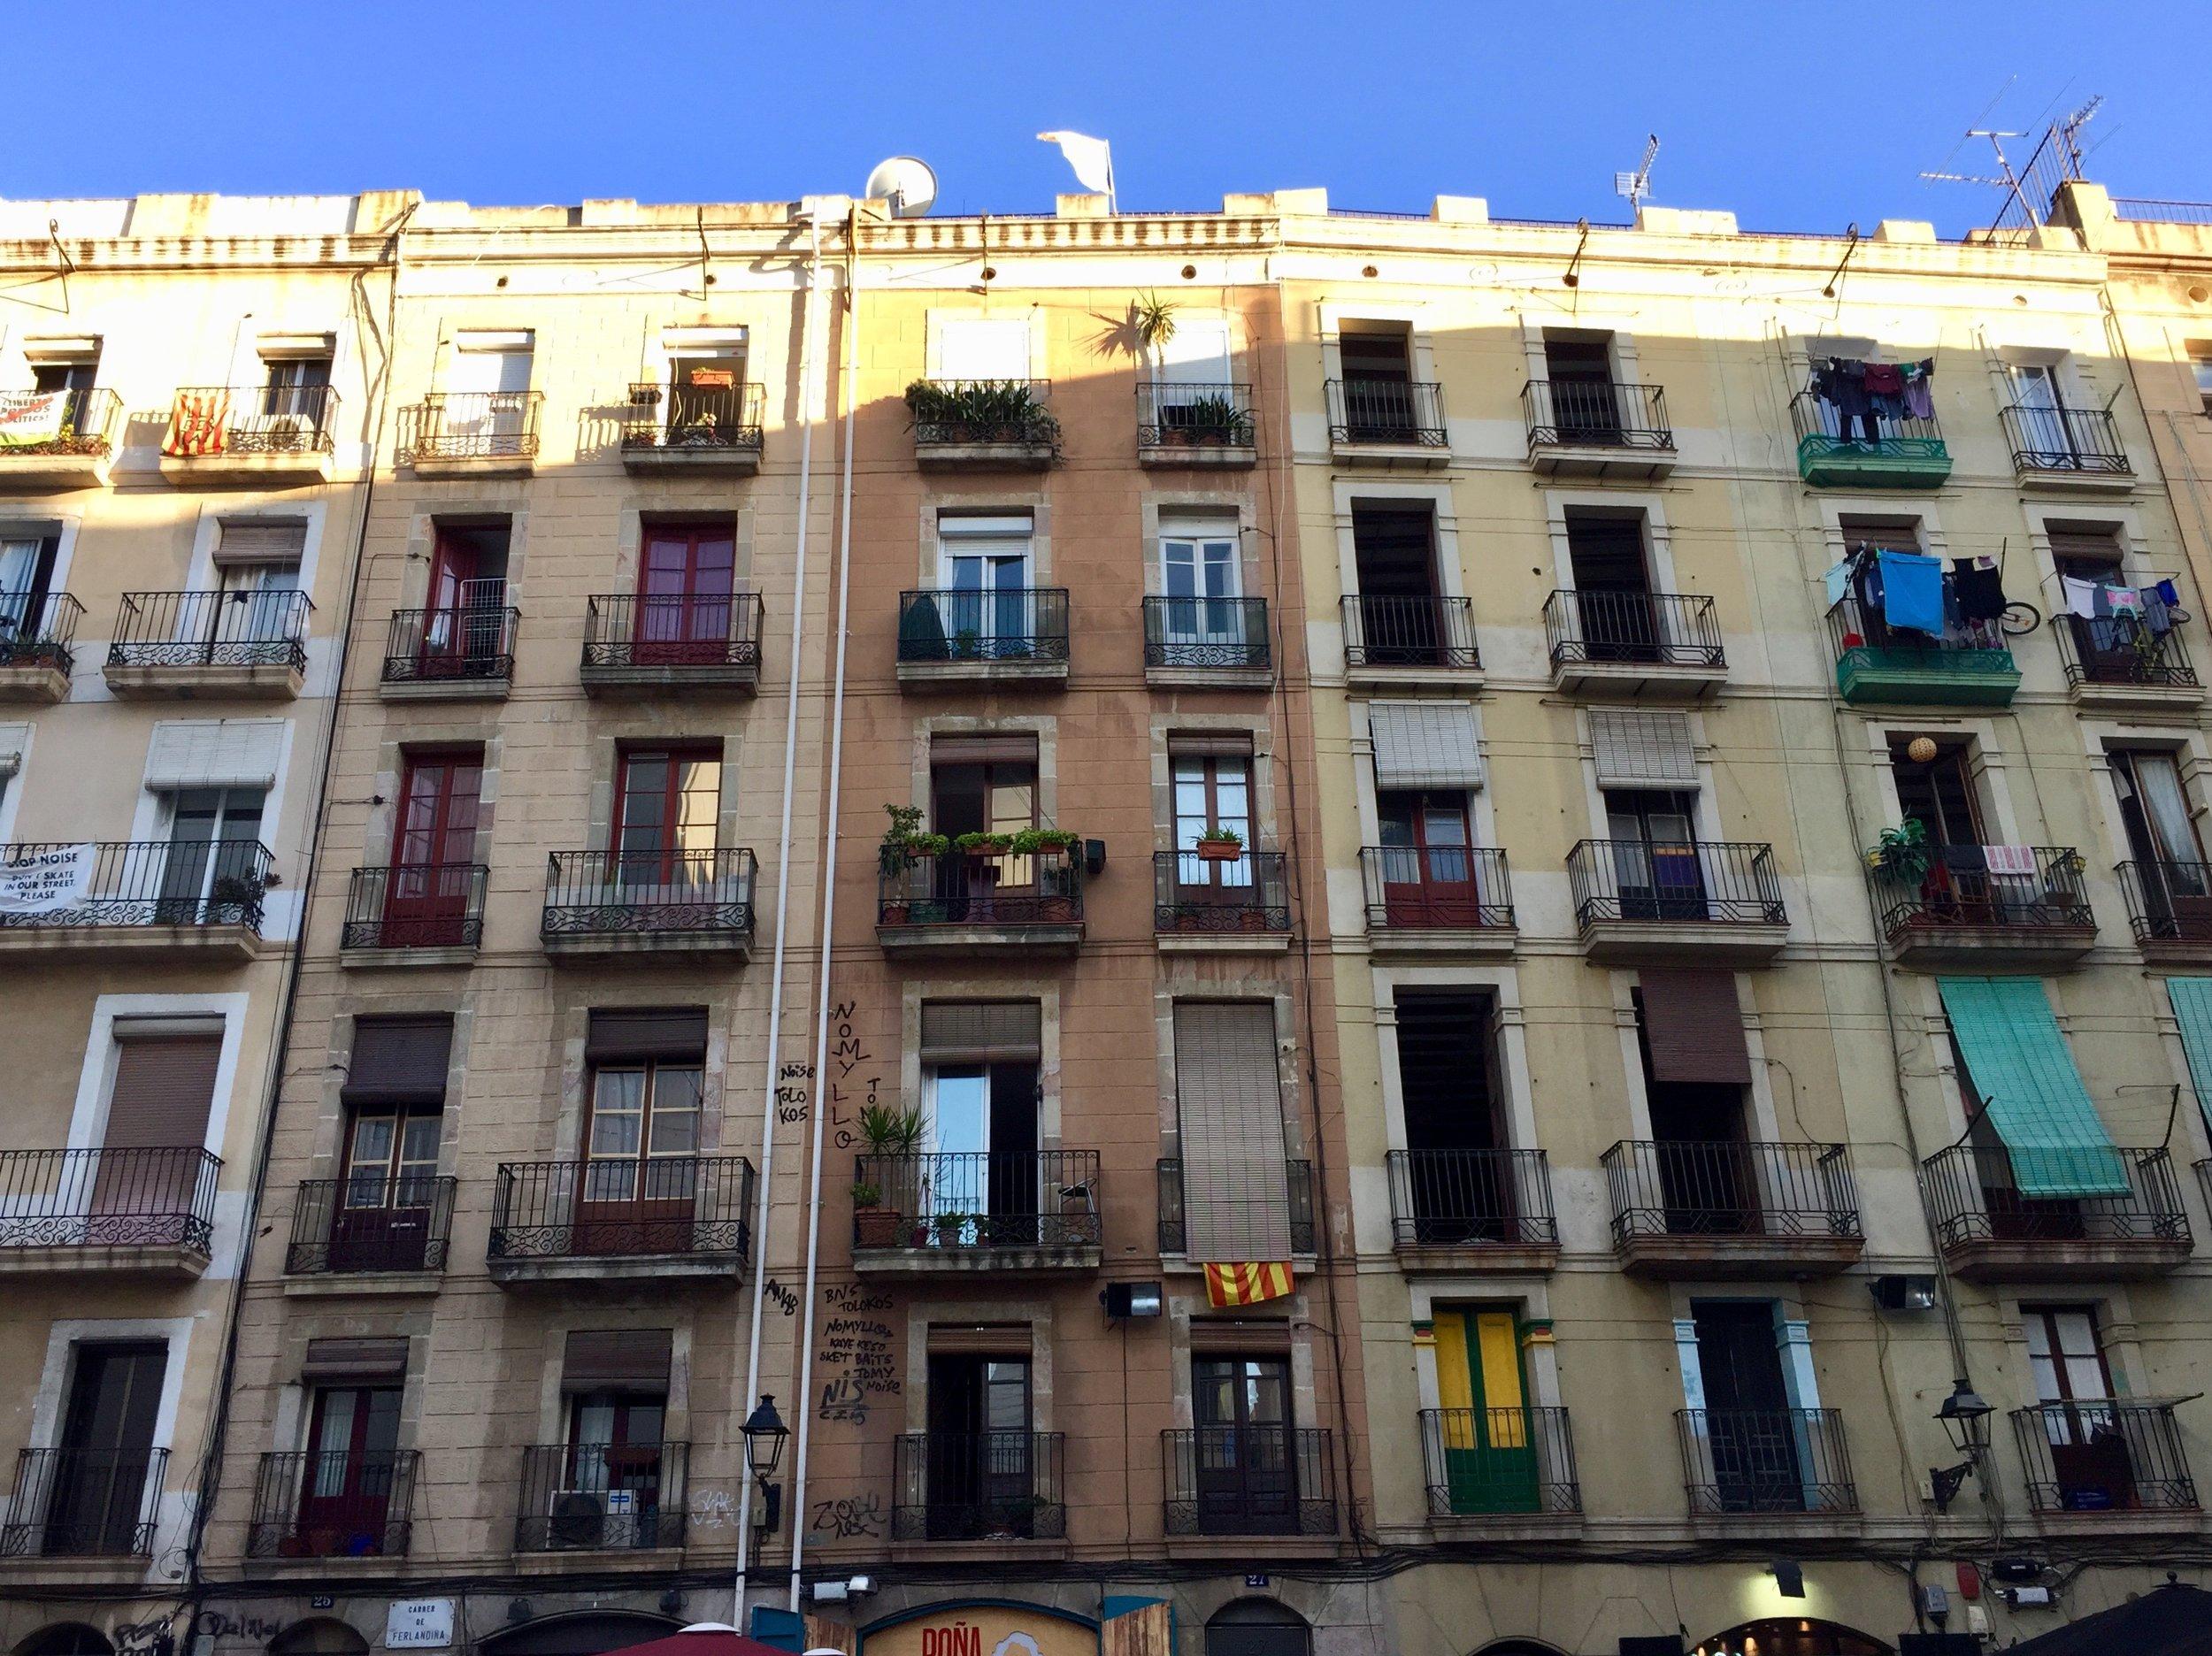 Barcelona Spain Buildings.jpg